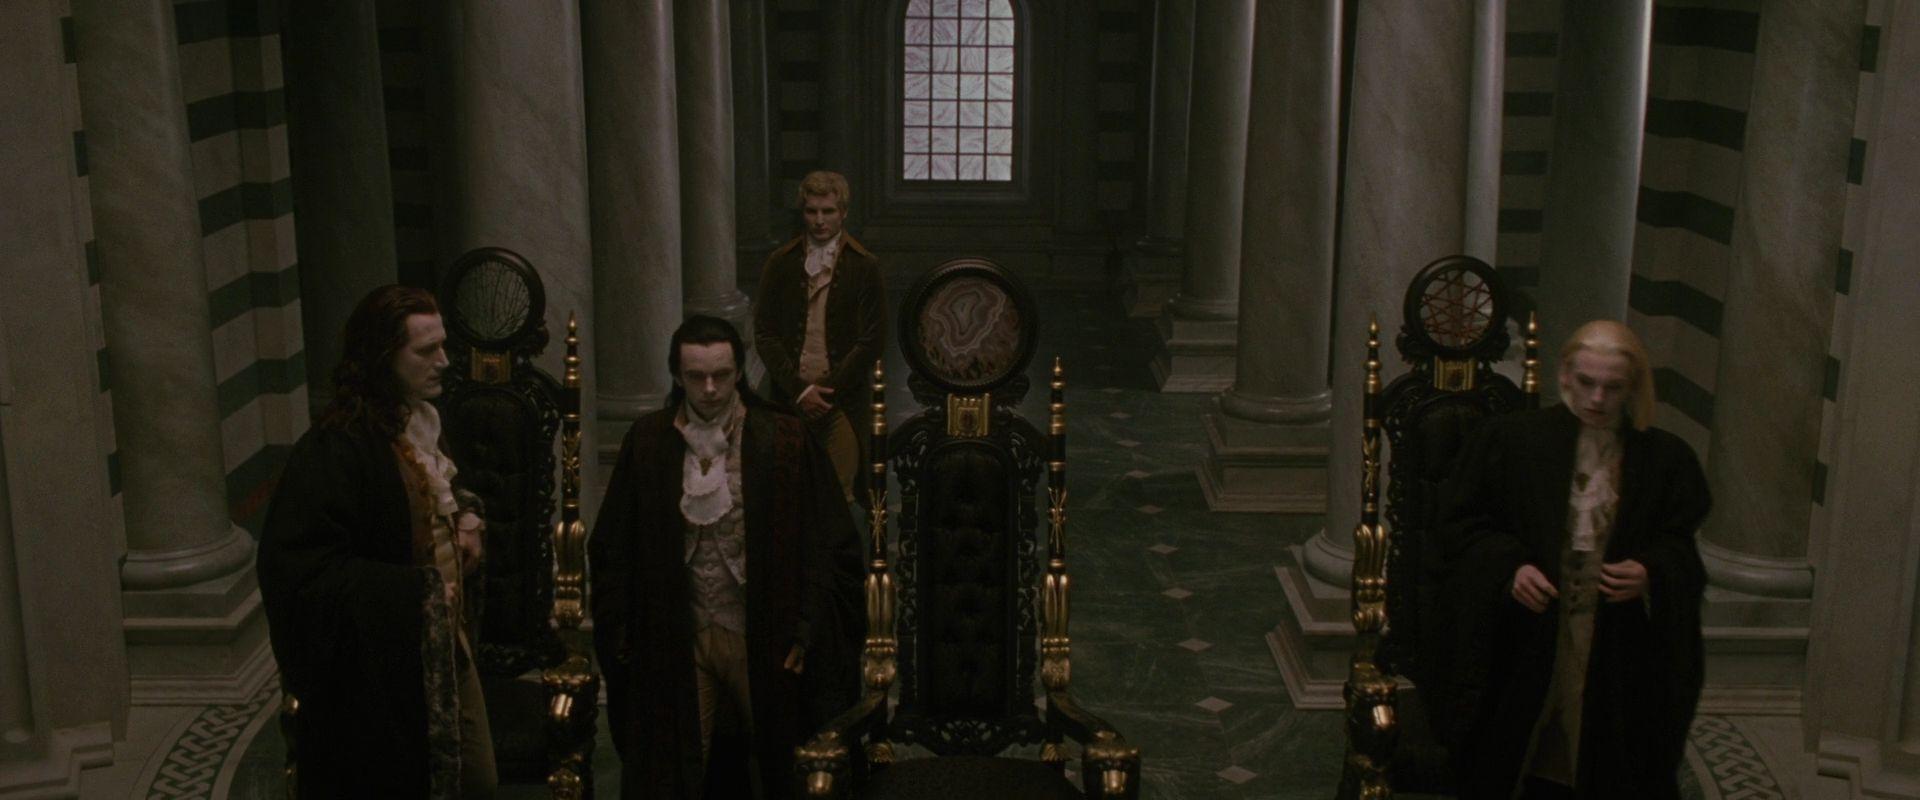 watch twilight saga breaking dawn part 2 online download